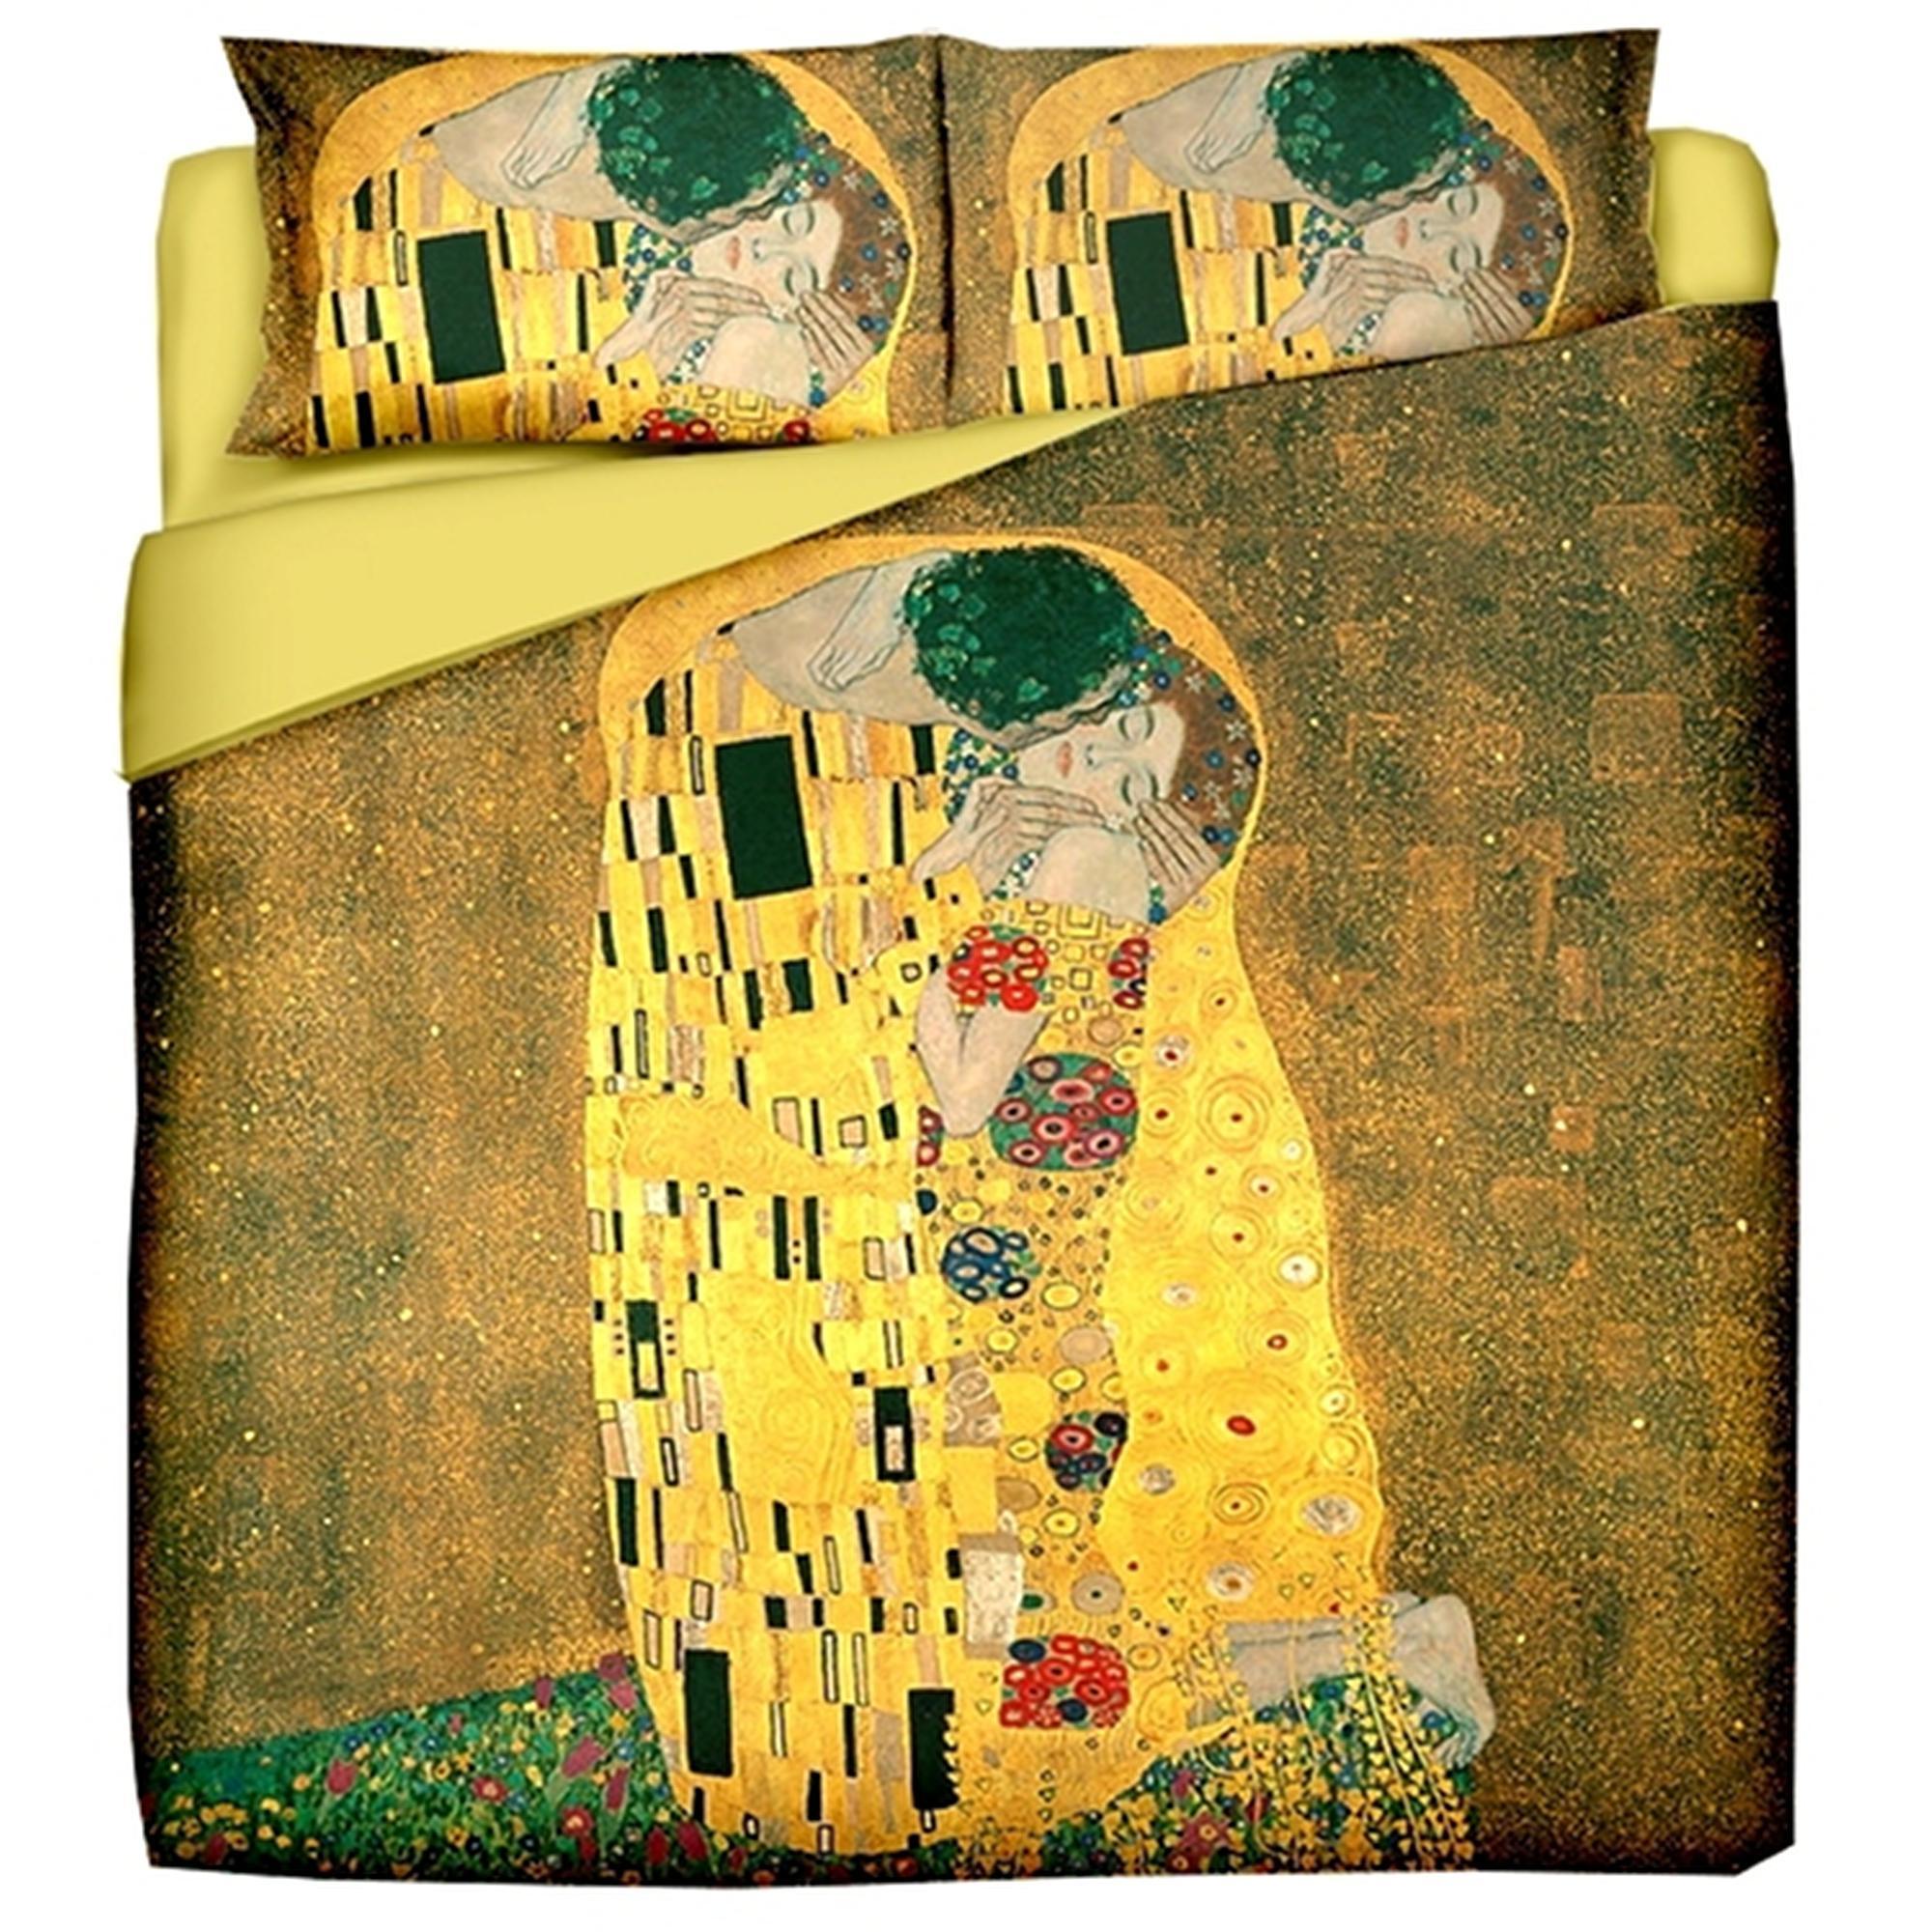 Parure Copripiumino Matrimoniale Klimt.Copripiumino Matrimoniale Composta Da 1 Copri Piumino Cm 250x240 2 Federe Cm 50x80 Klimt Il Bacio Puro Cotone Di Alta Qualita Mano Morbida